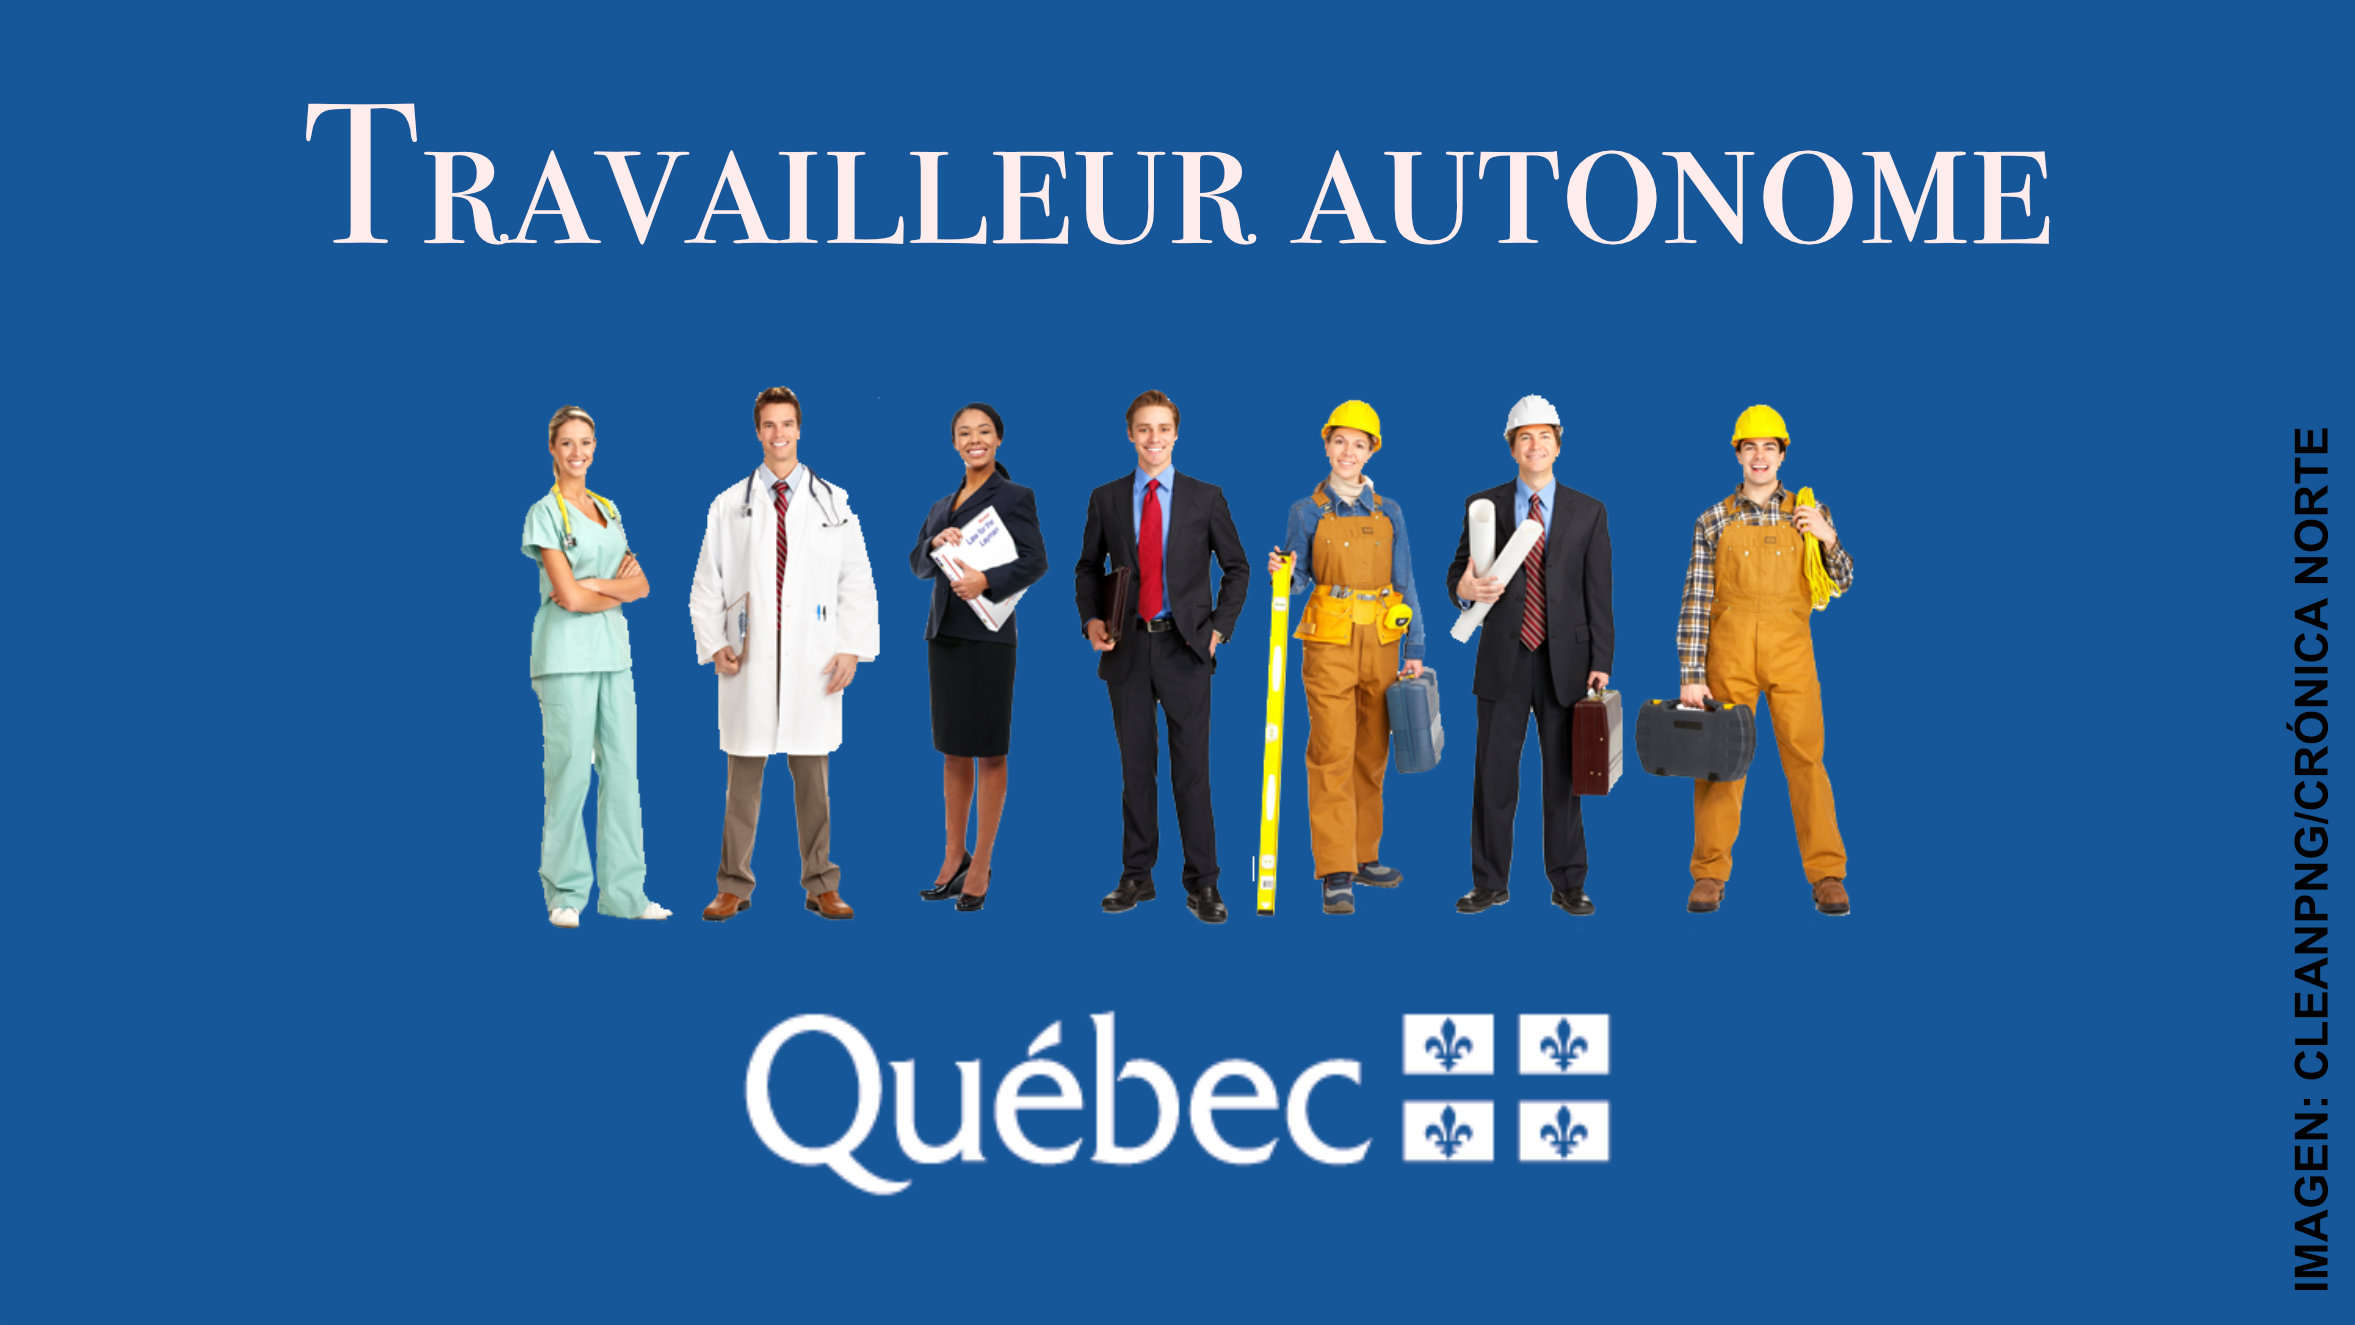 Trabajadores autónomos también recibirán ayuda federal, adelanta Francois Leagault